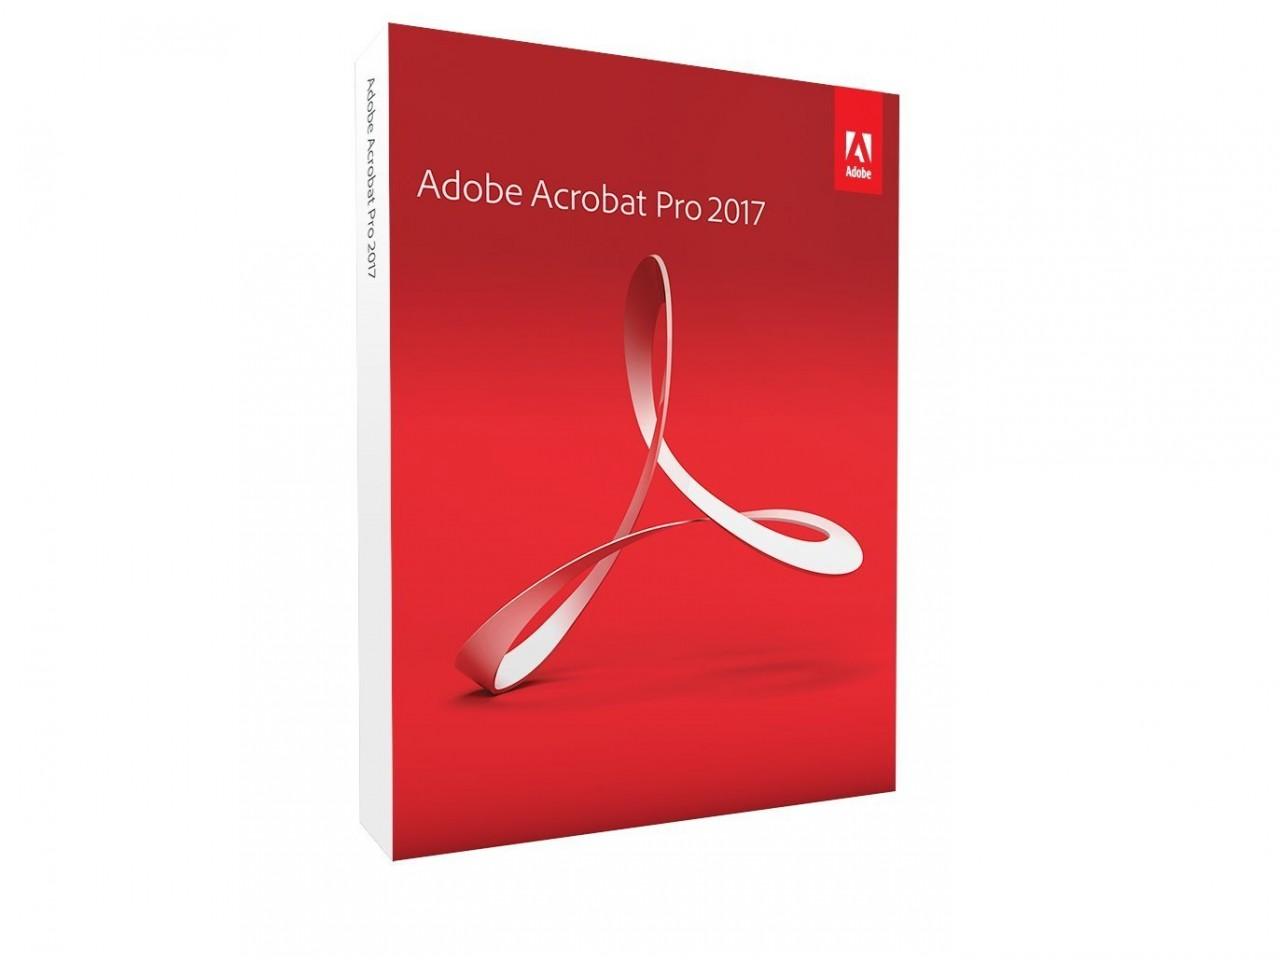 Adobe Acrobat 2017 Pro, Deutsch, Bundle, Vollversion